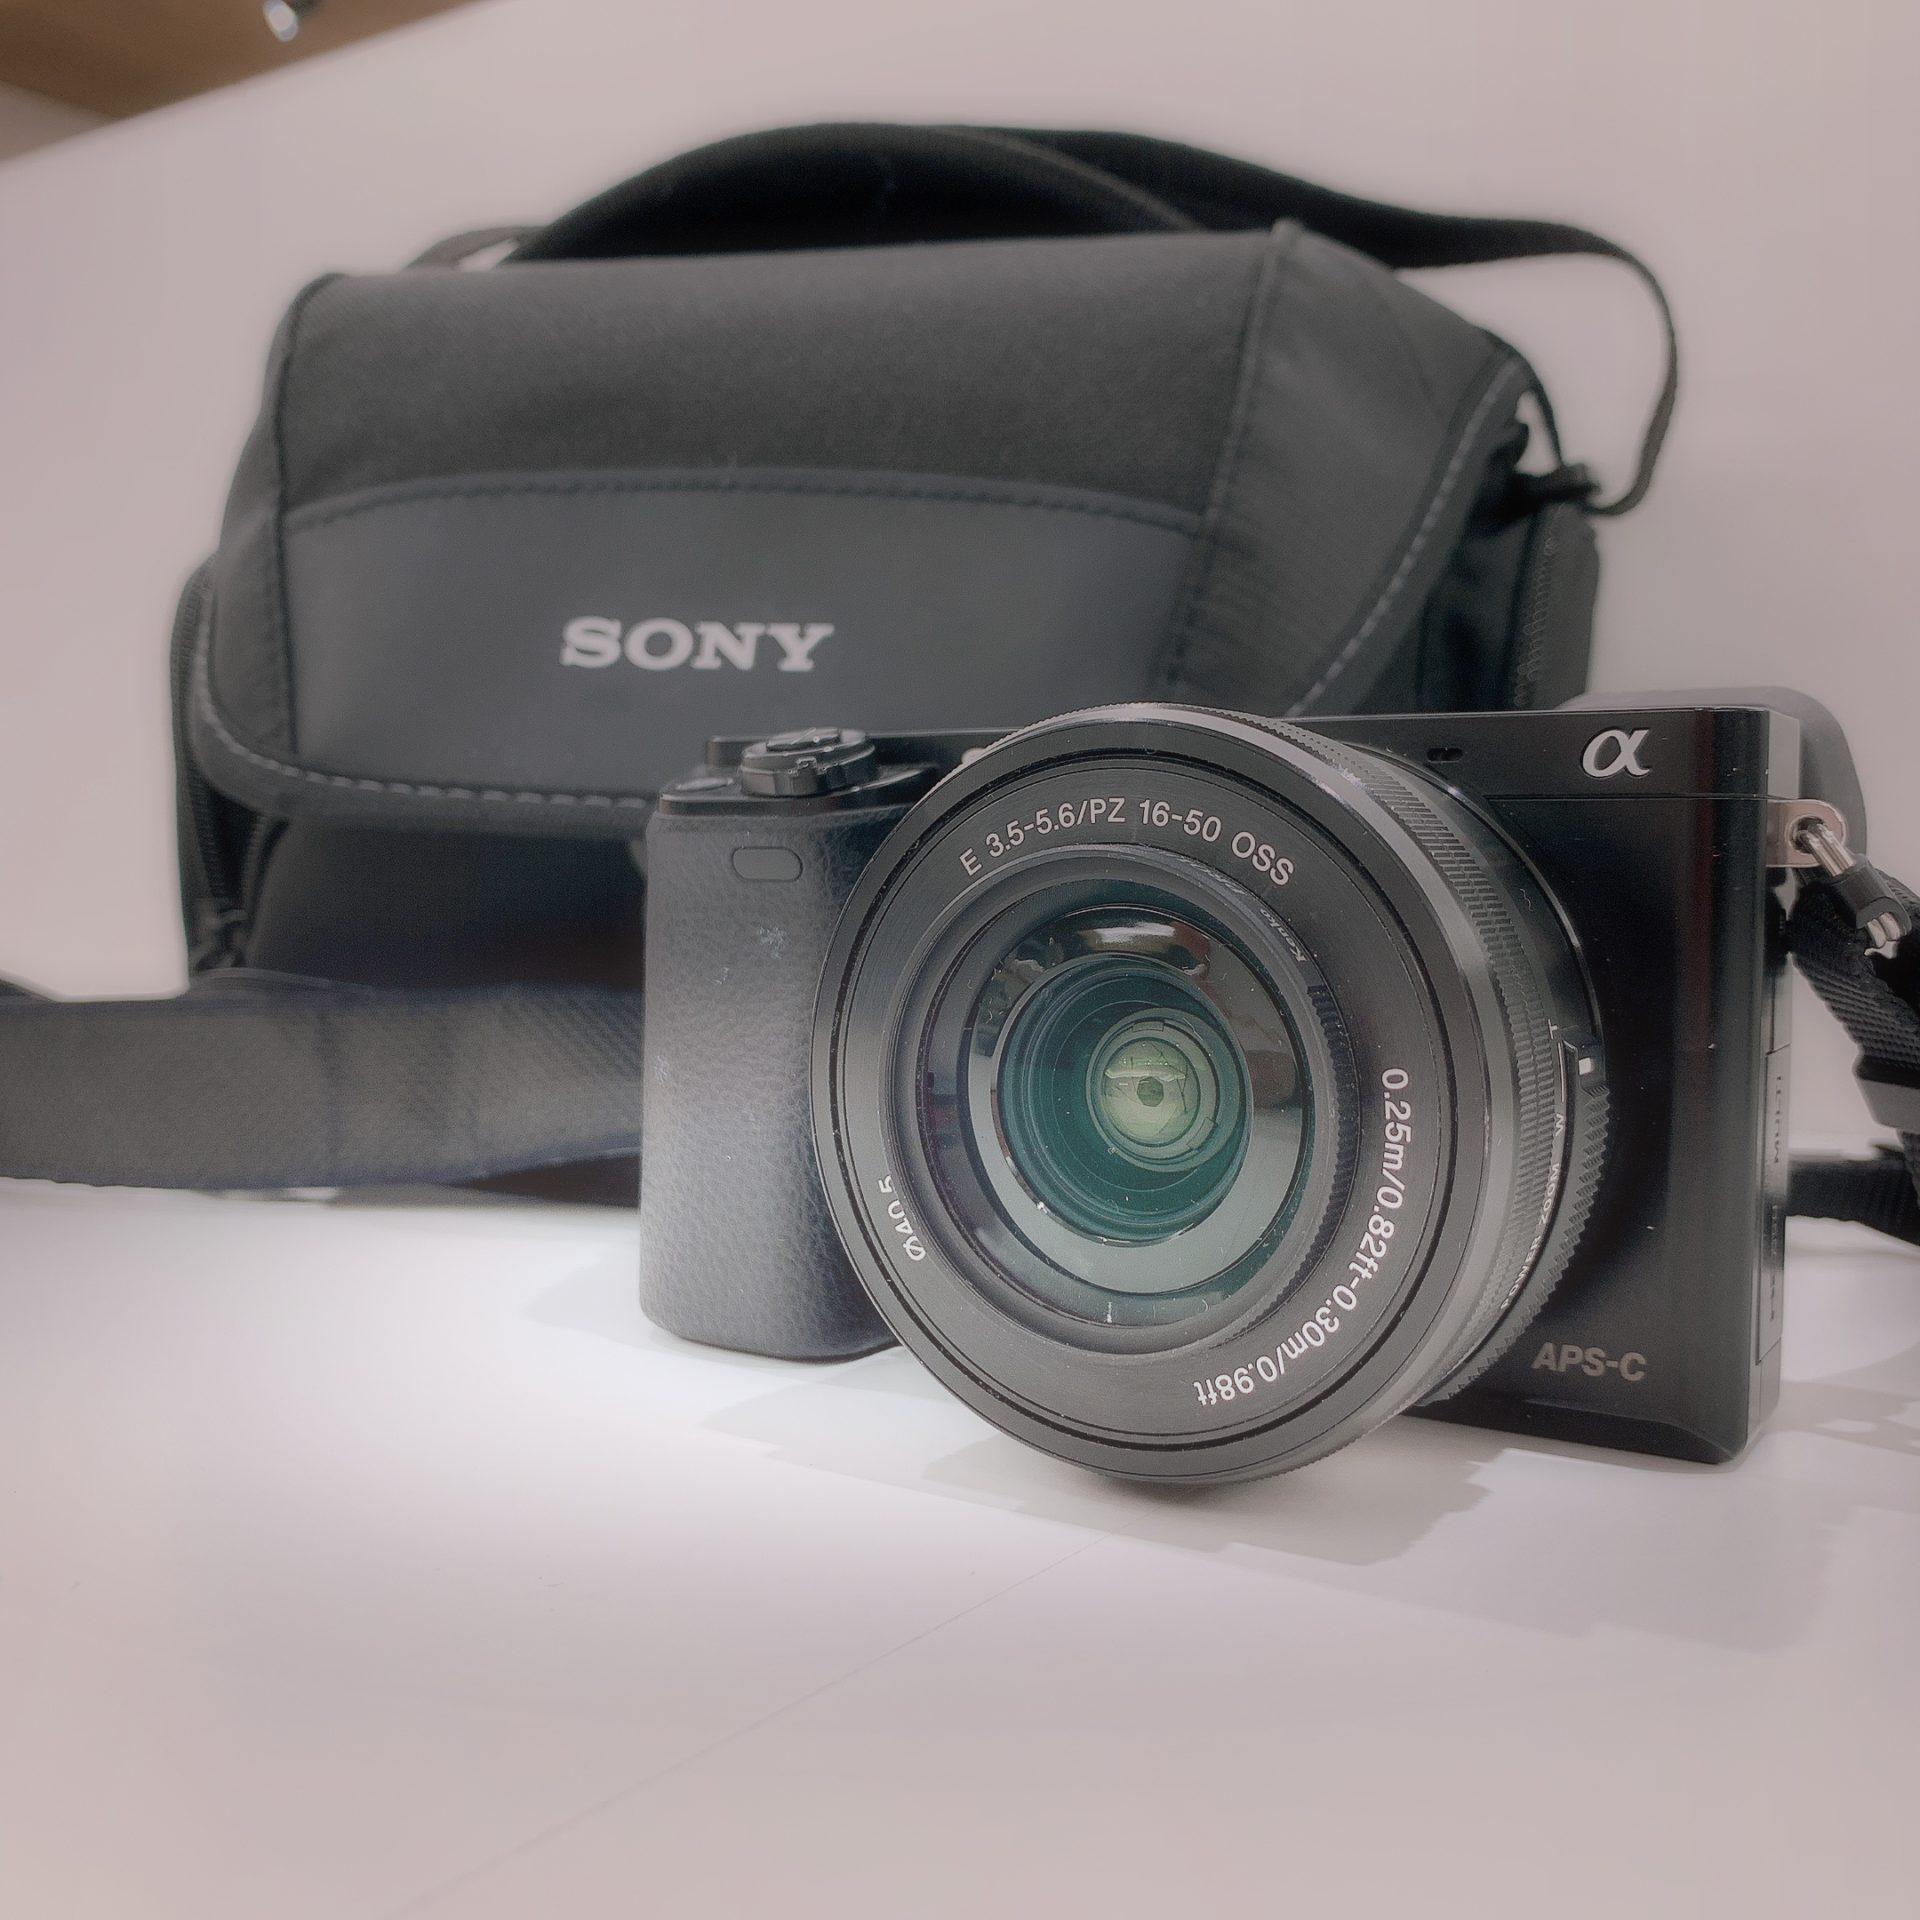 【盛岡 カメラ 販売】2020年!家族との思い出はSONY α6000で残しましょう♪